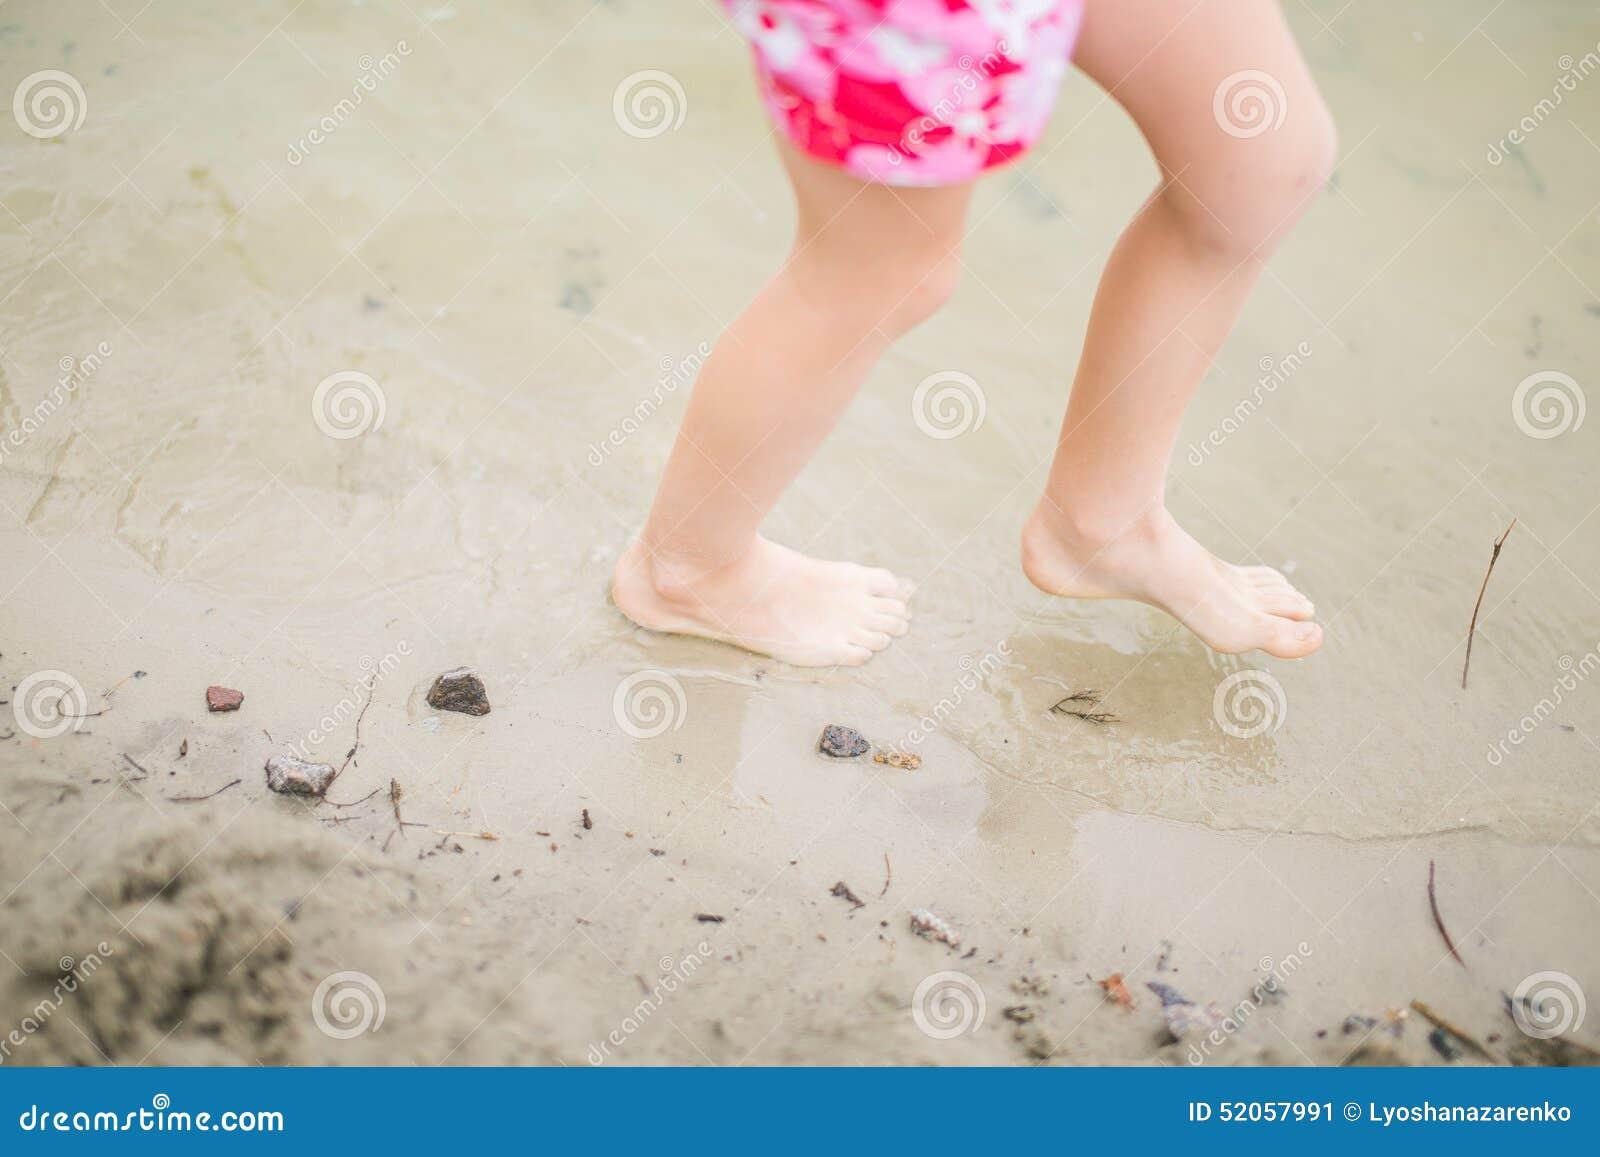 Barefoot Walking Toddler Shoes